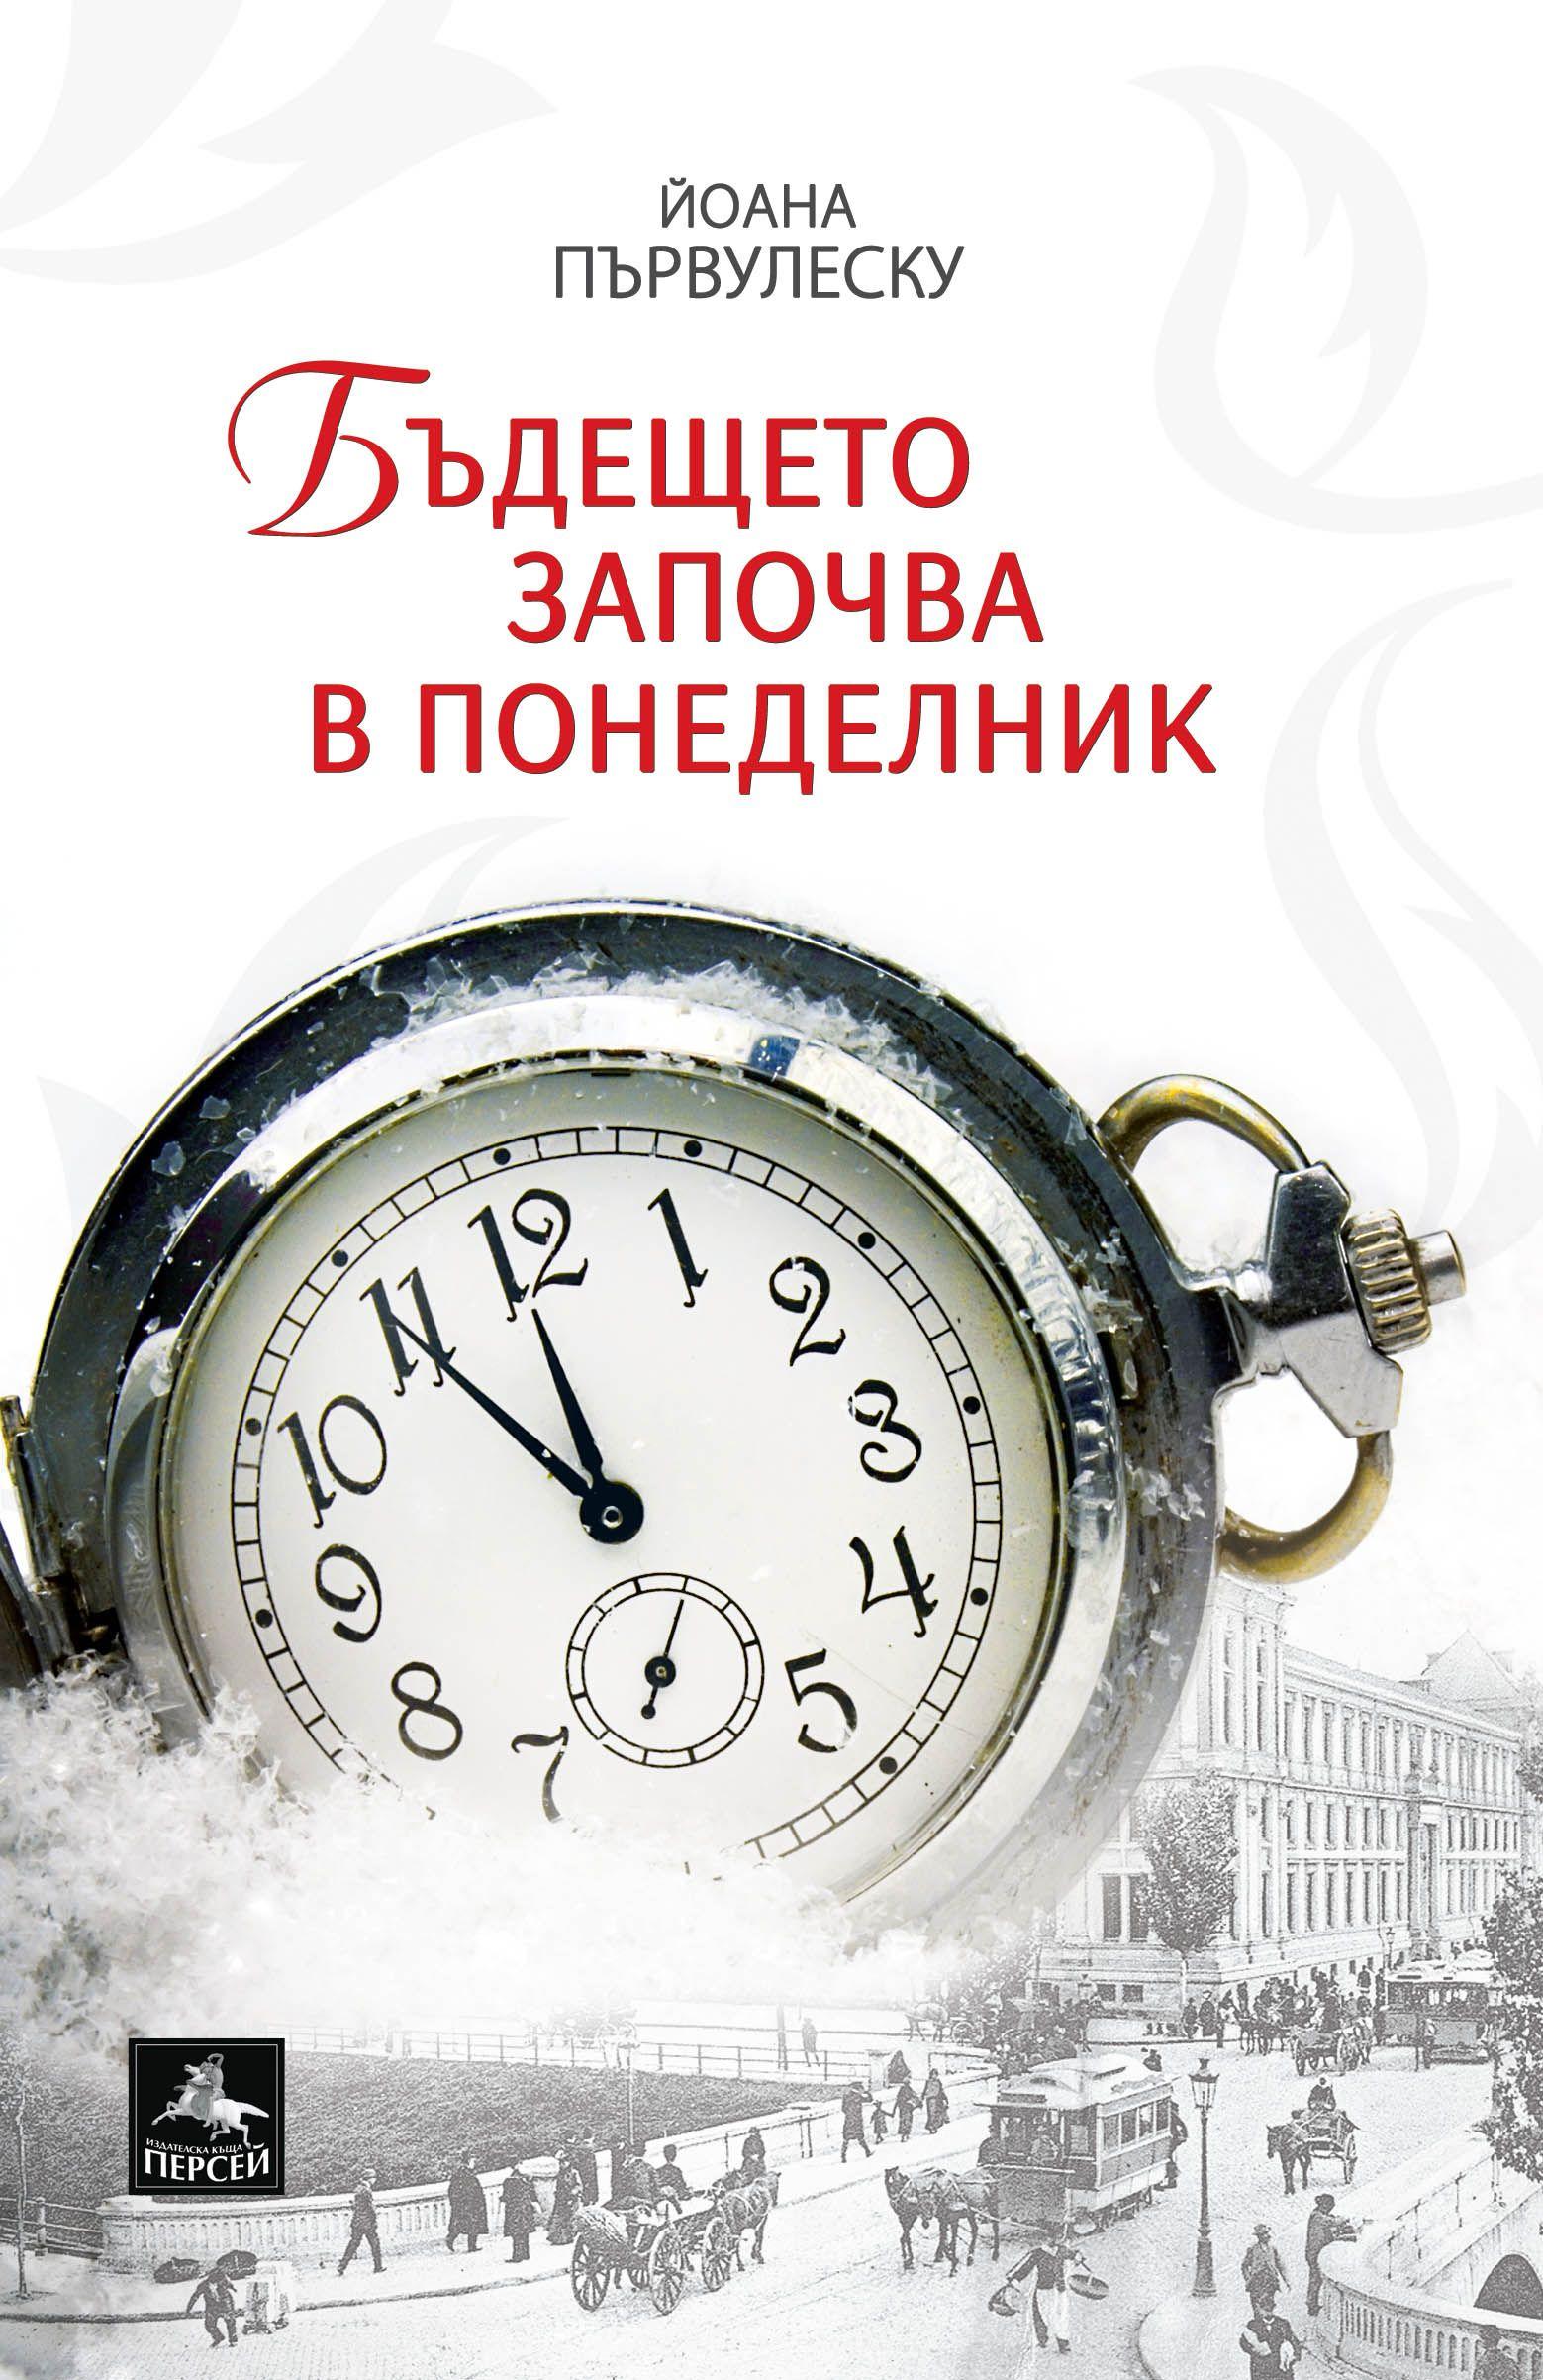 badeshteto-zapochva-v-ponedelnik - 1